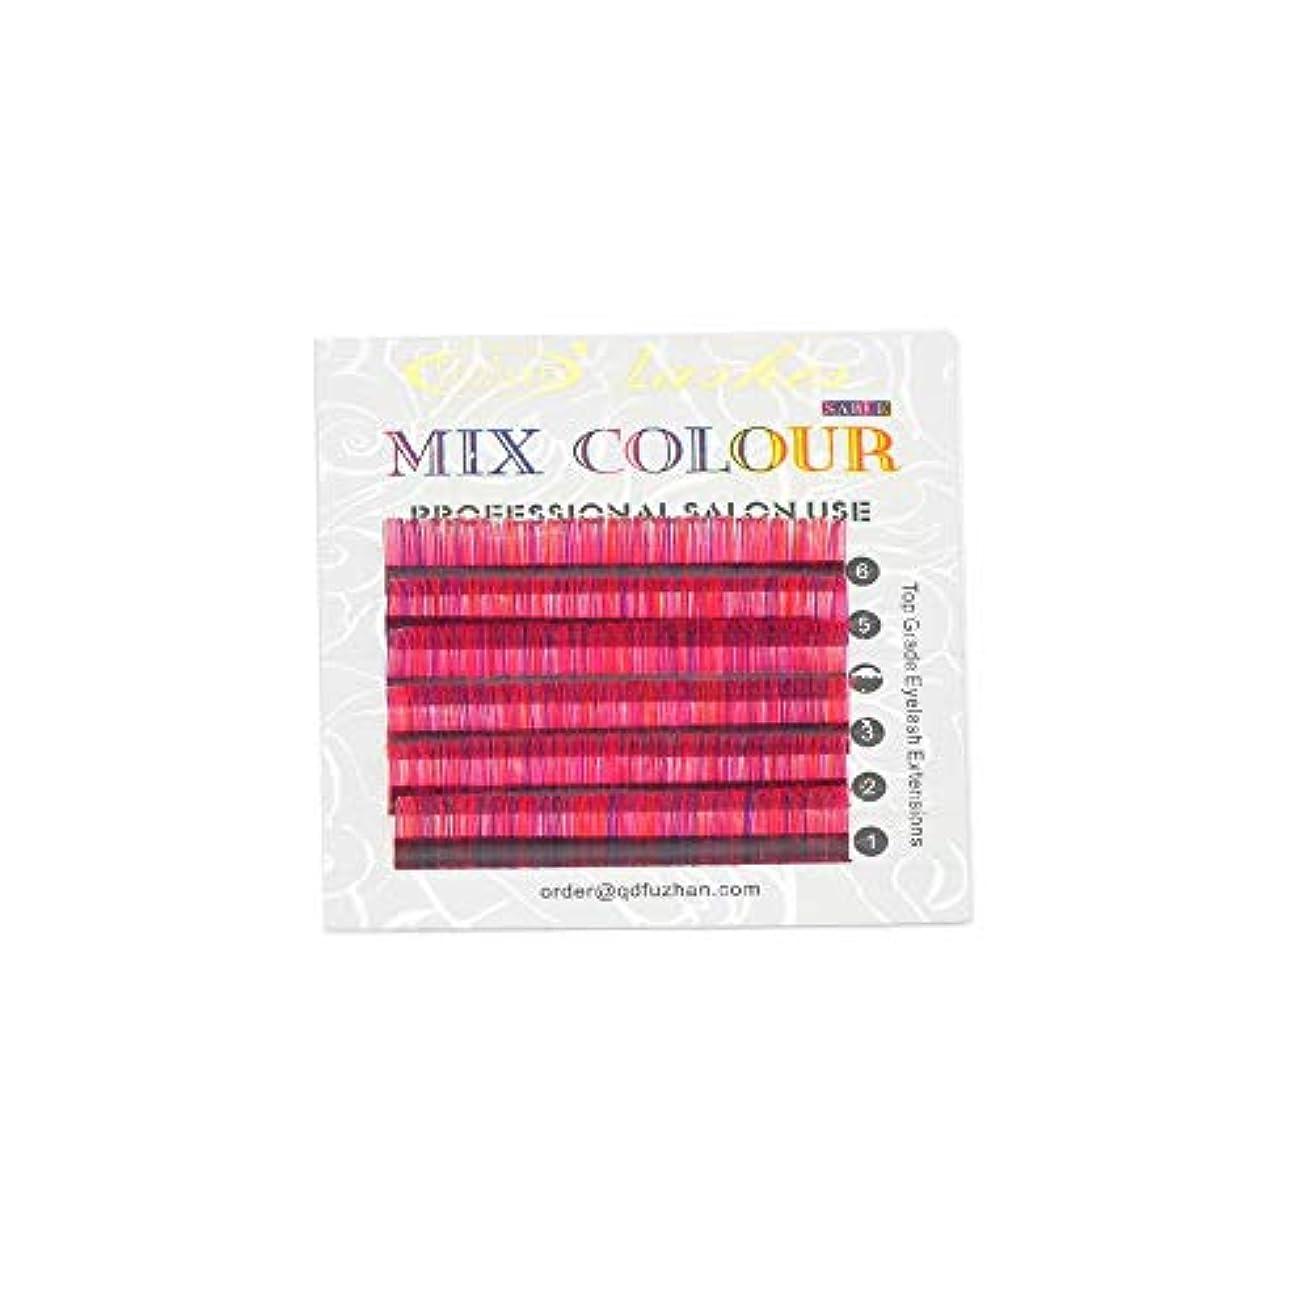 順番症候群表面カラーエクステ 色mix 太さ0.07mm 長さカール指定 6列シートタイプ ケース入り(0.07mm D 12mm ピンク?レッド?バイオレットmix)